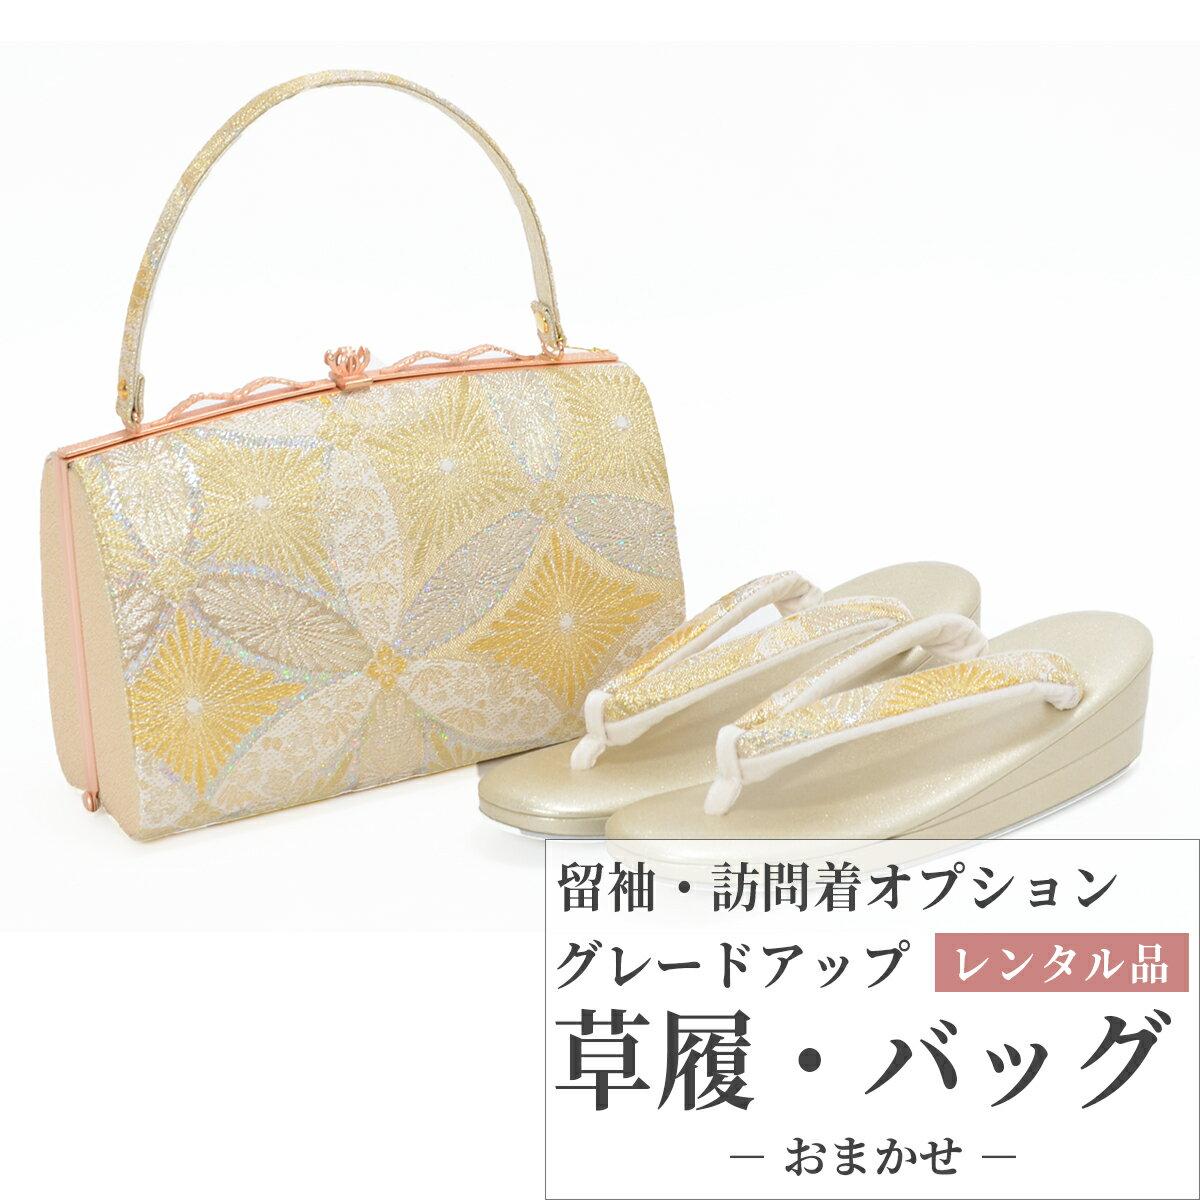 【レンタル同梱専用】日本製 グレードアップ草履バッグレンタル(サイズ22.0-24.5)【おまかせタイプ】【単品レンタル不可】